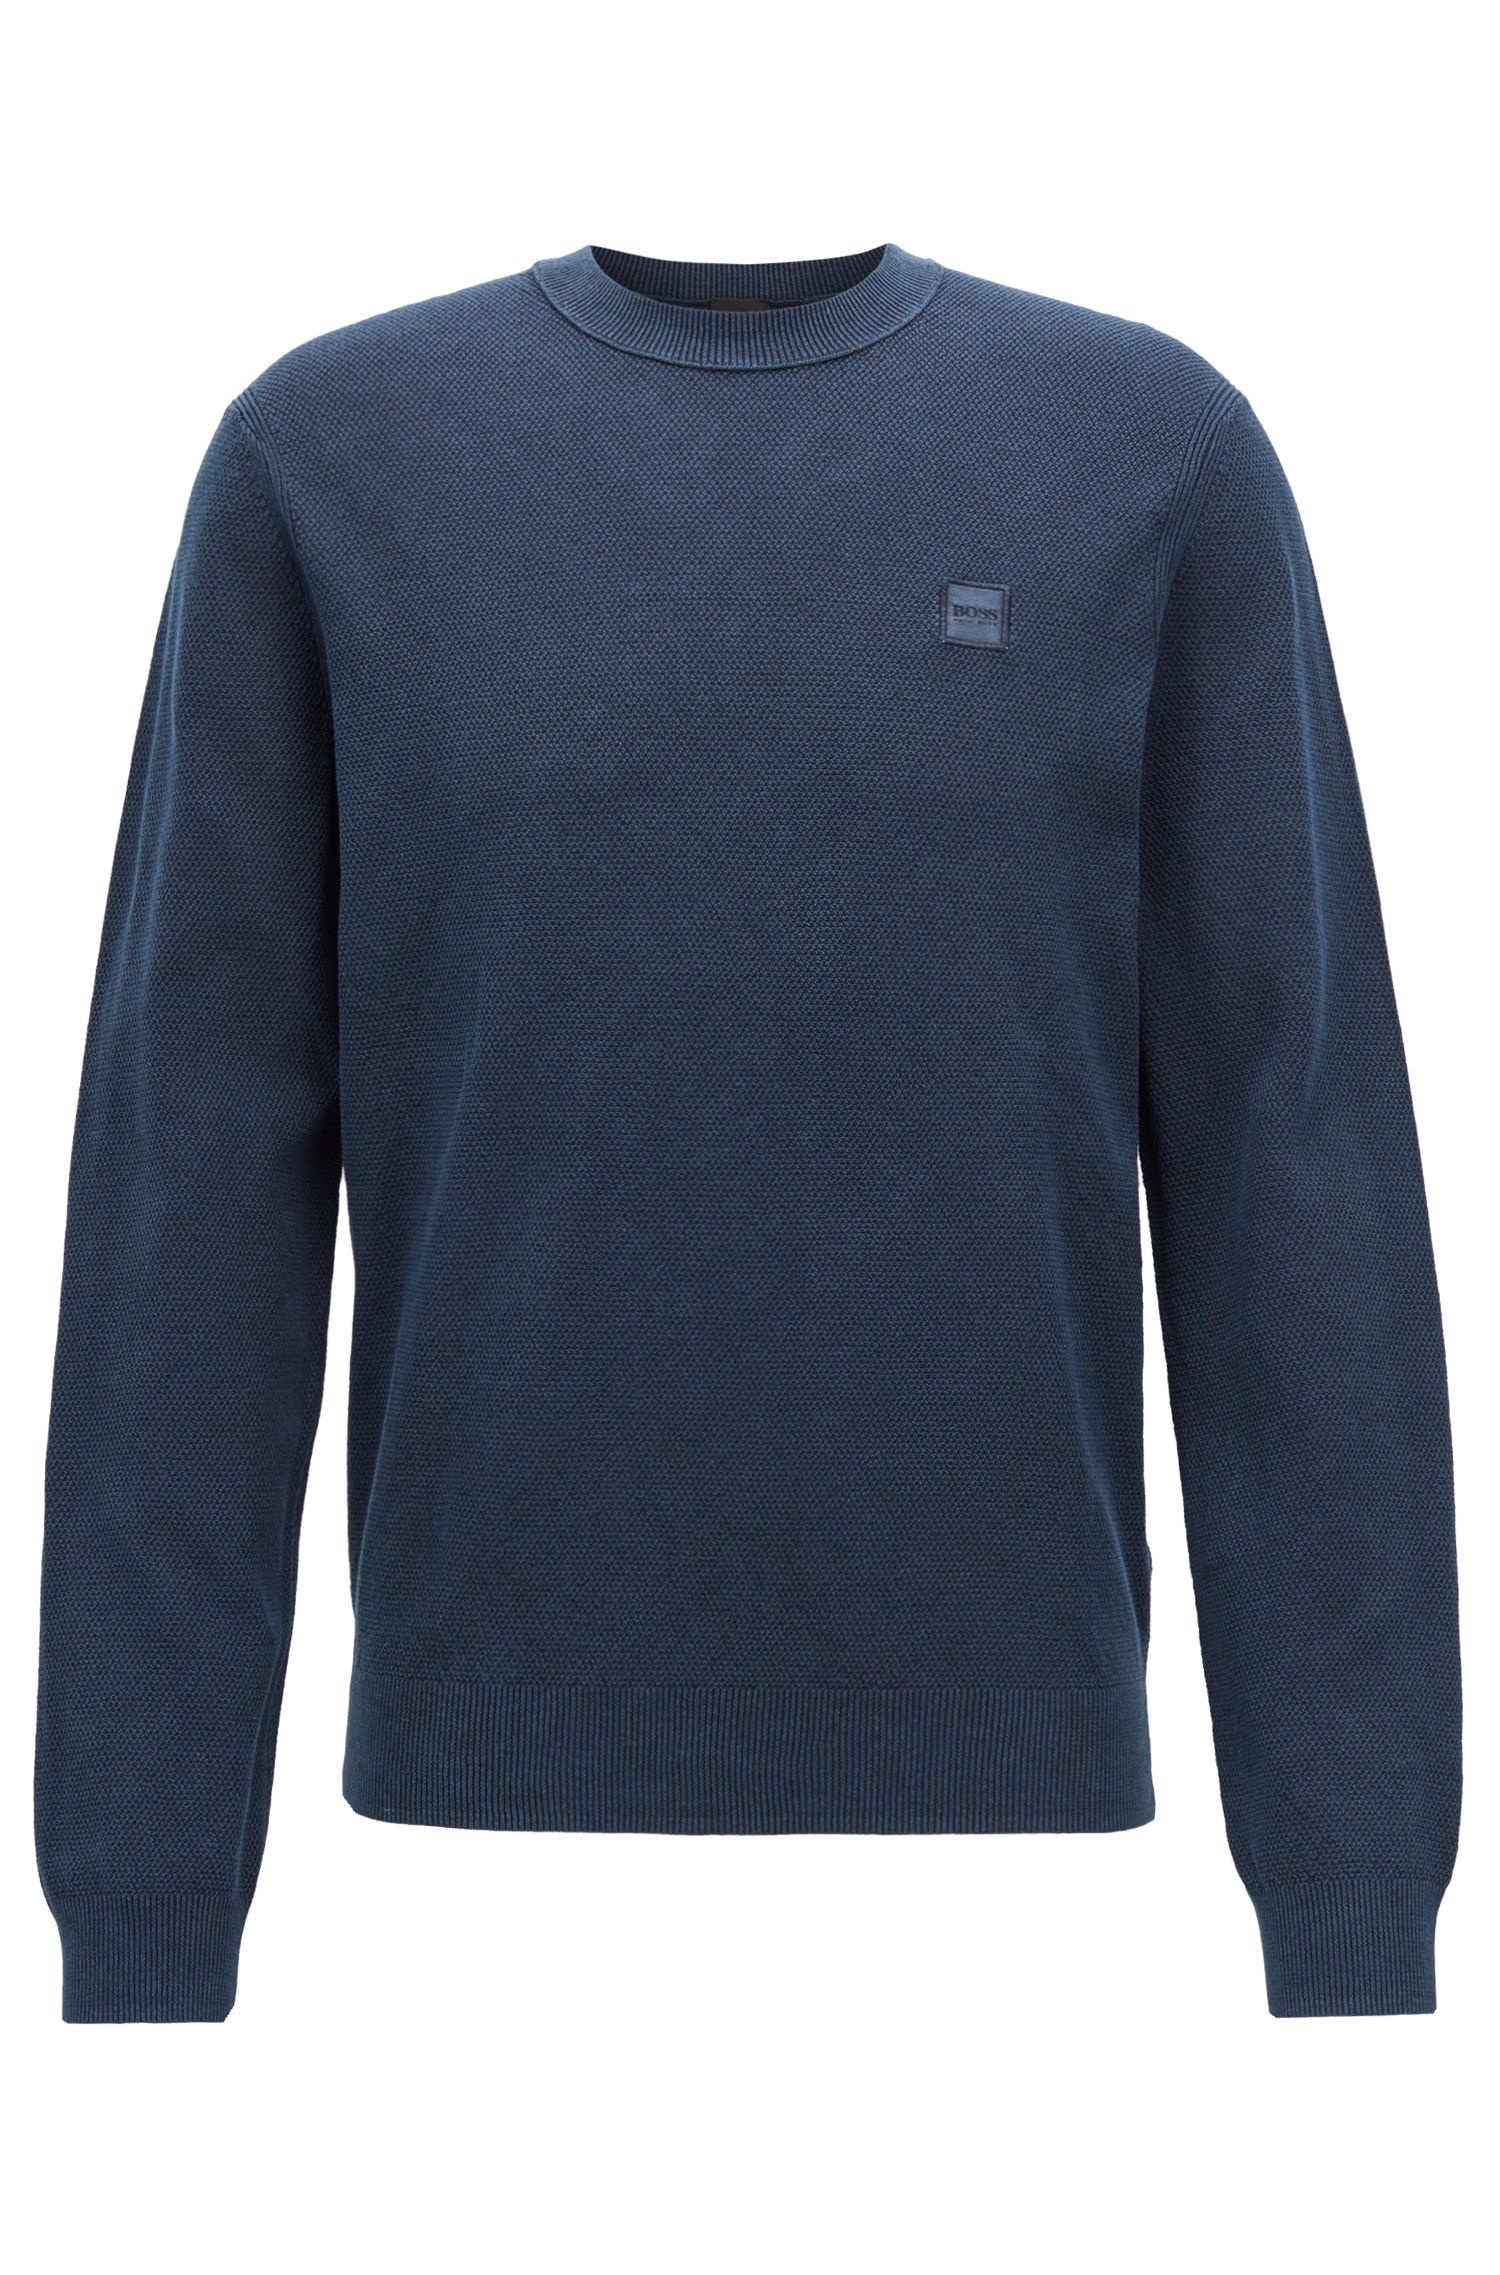 Pullover aus Baumwolle mit Rundhalsausschnitt und Allover-Struktur, Dunkelblau